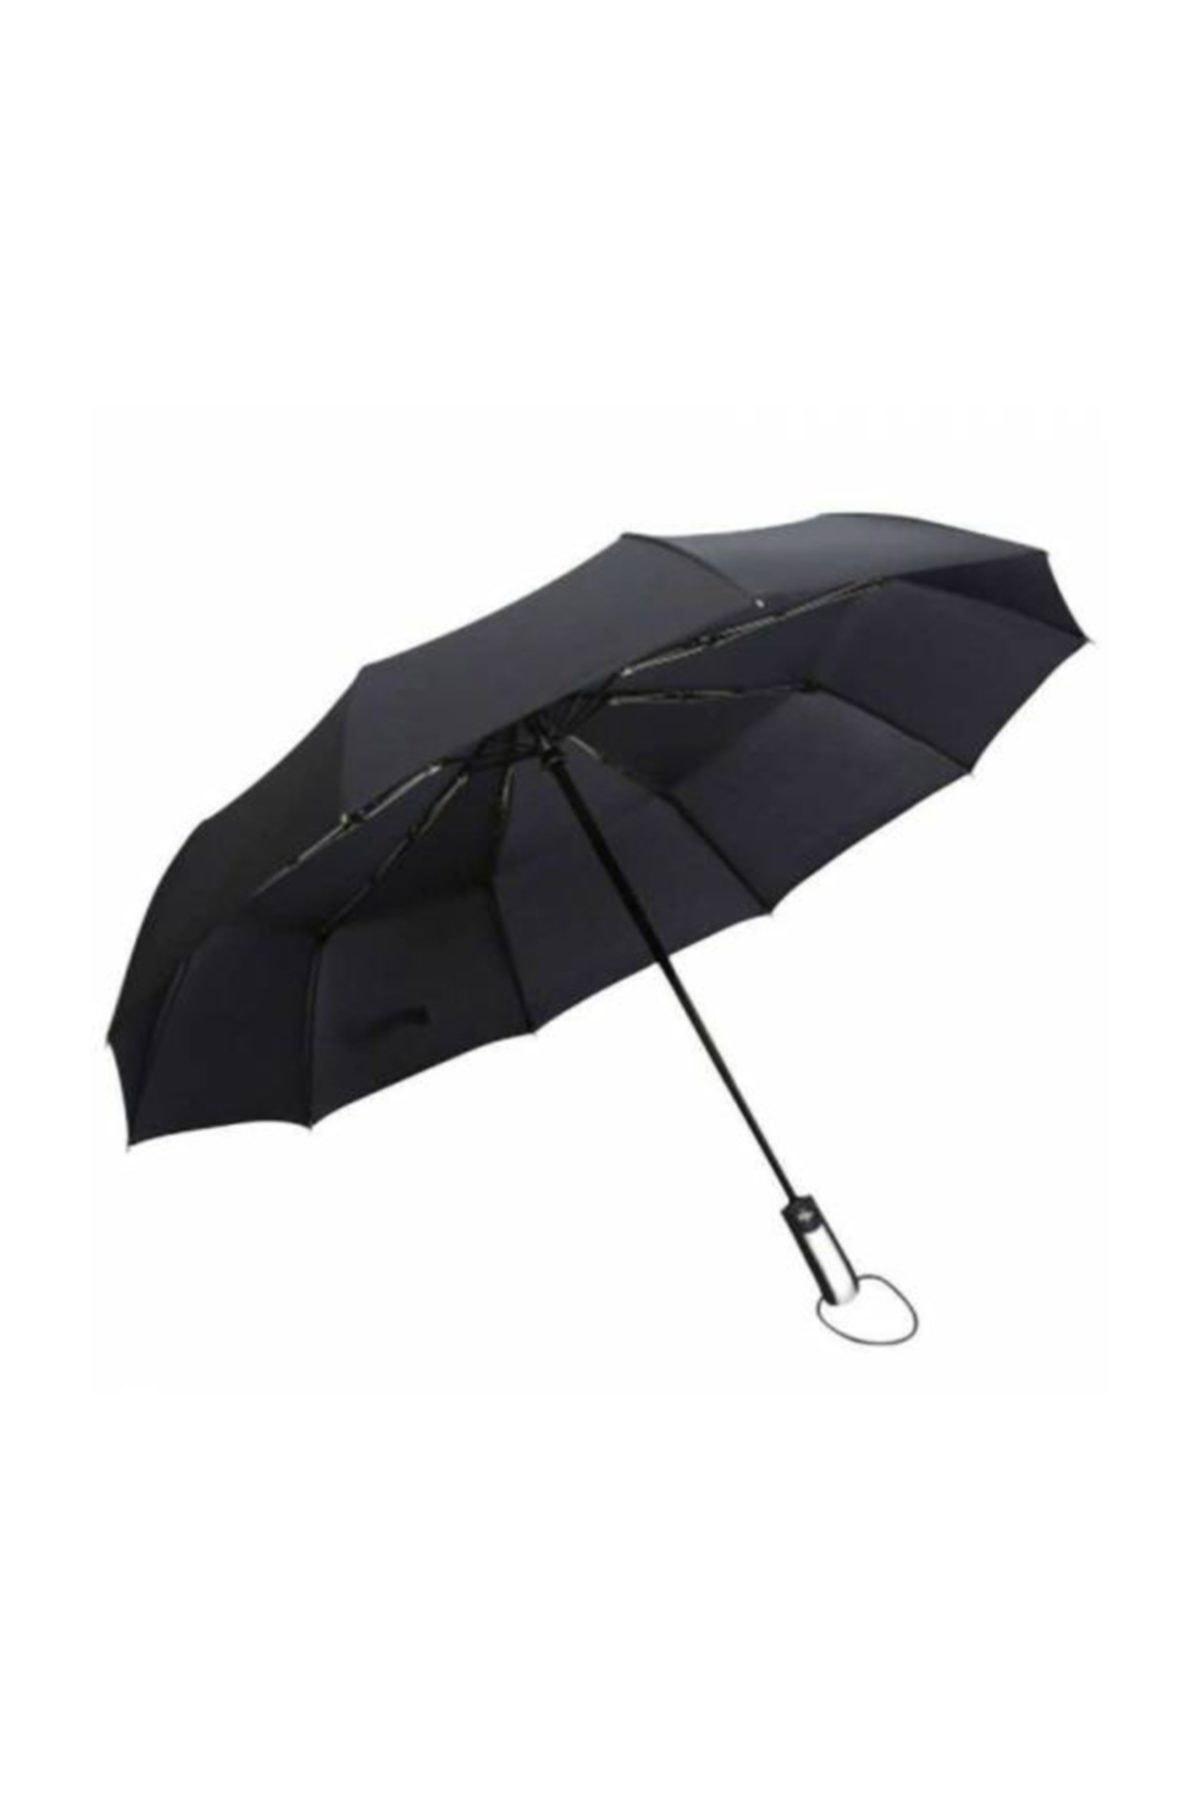 depoma consept Fiber 10 Telli Full Otomatik Şemsiye Rüzgara Dayanıklı 1